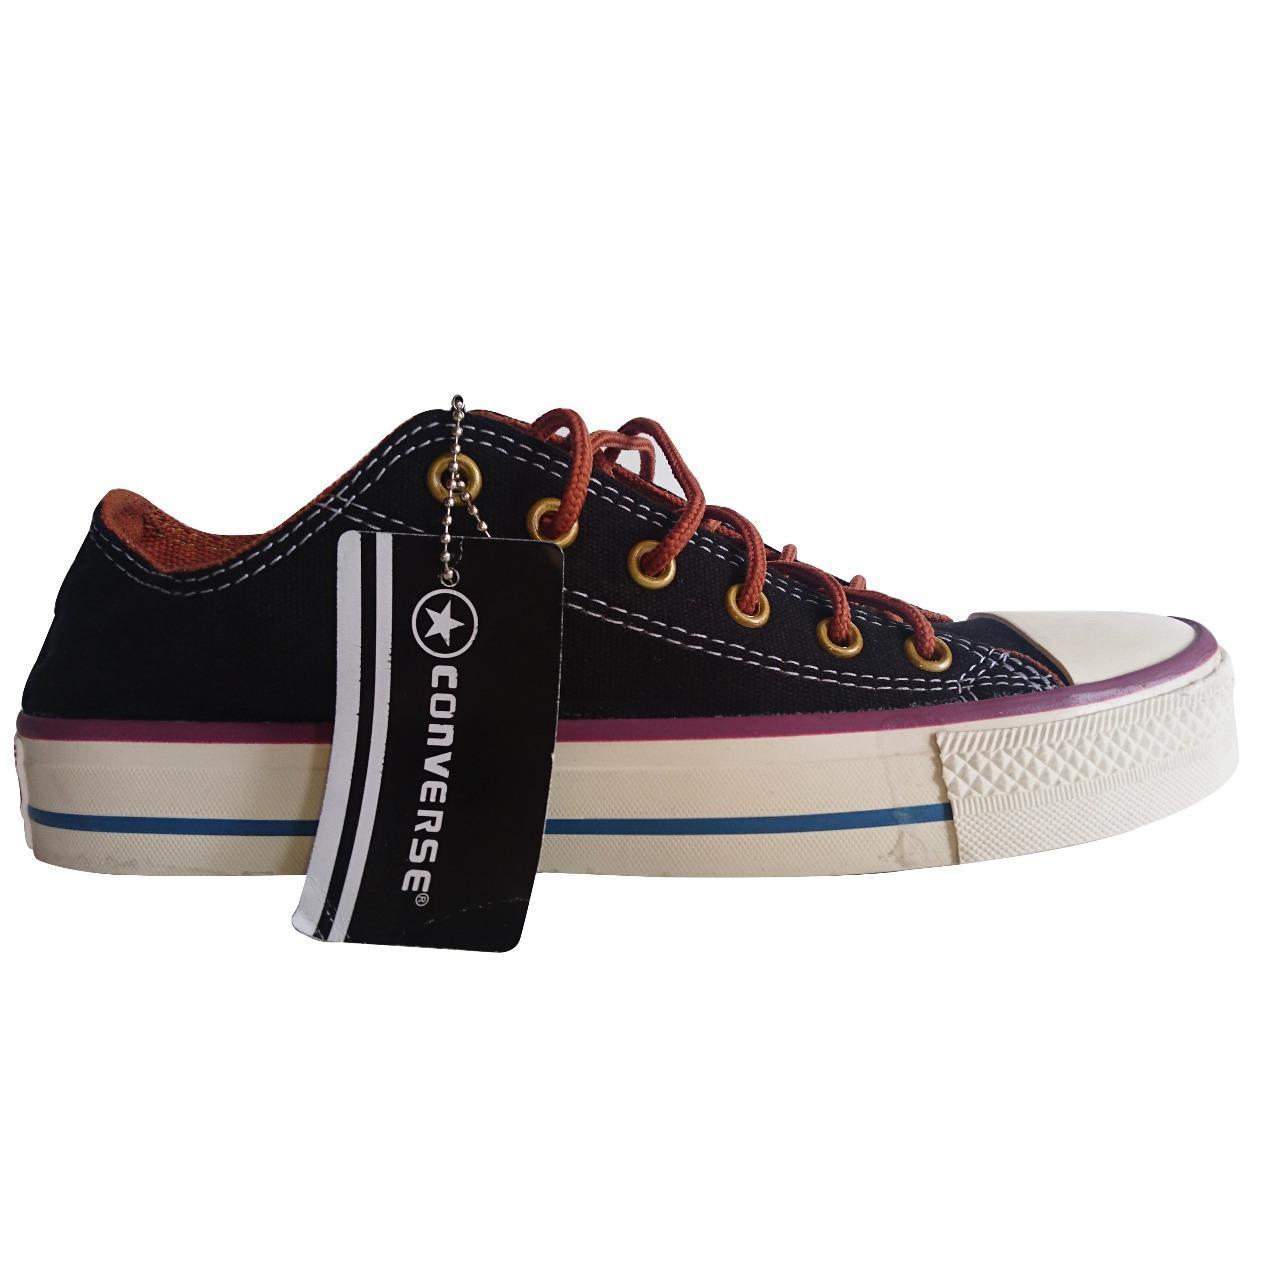 Sepatu New All star premium  clasic CT ox low